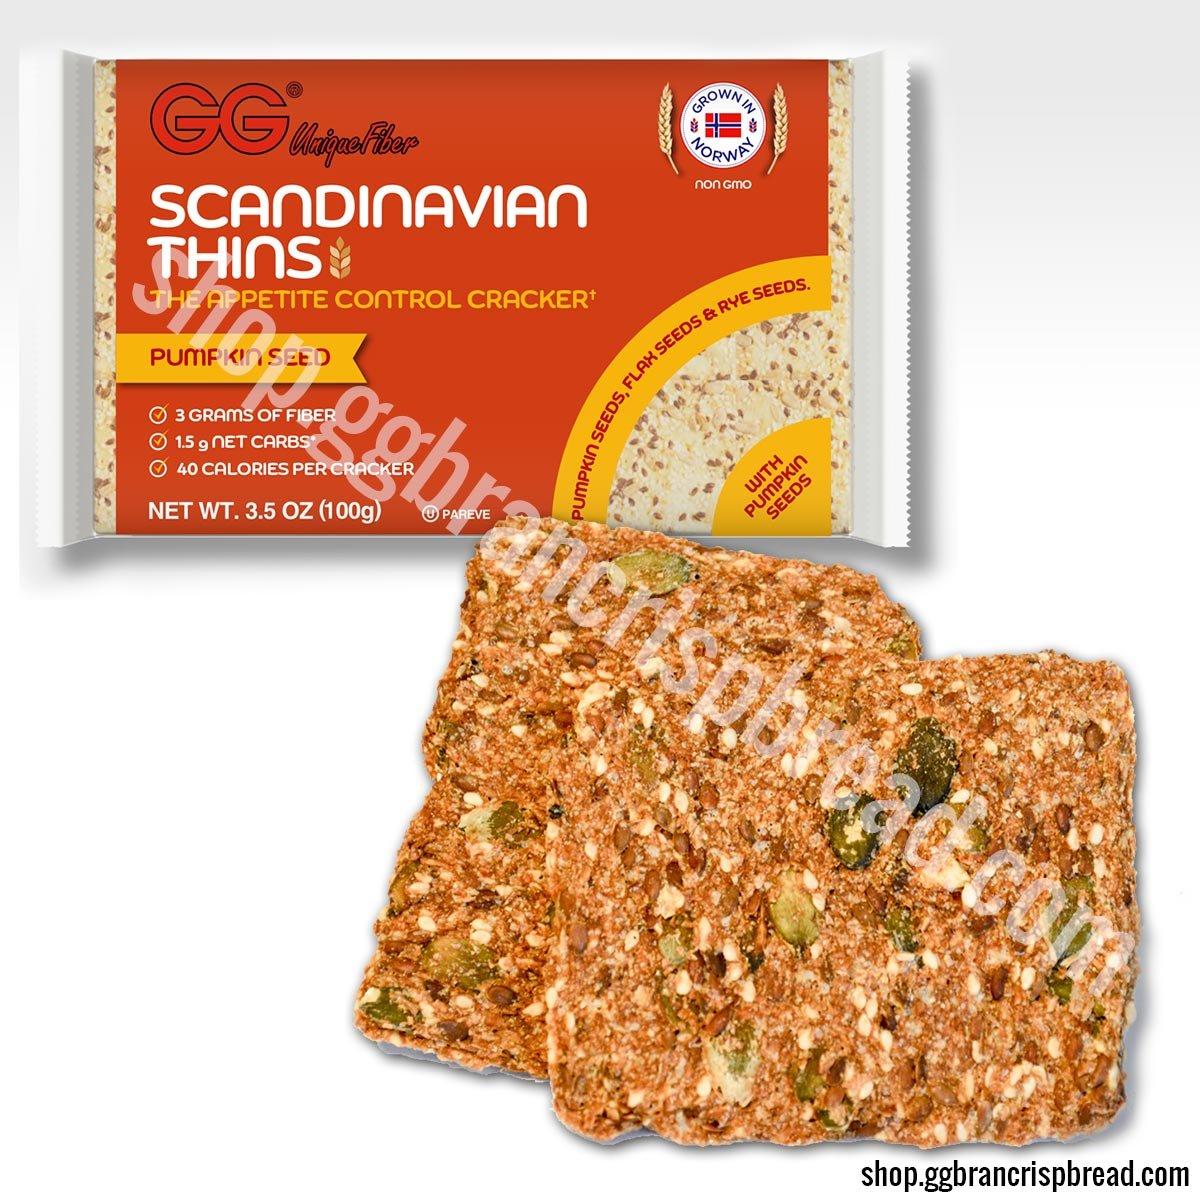 GG Scandinavian Thins with Pumpkin Seeds 30 pack